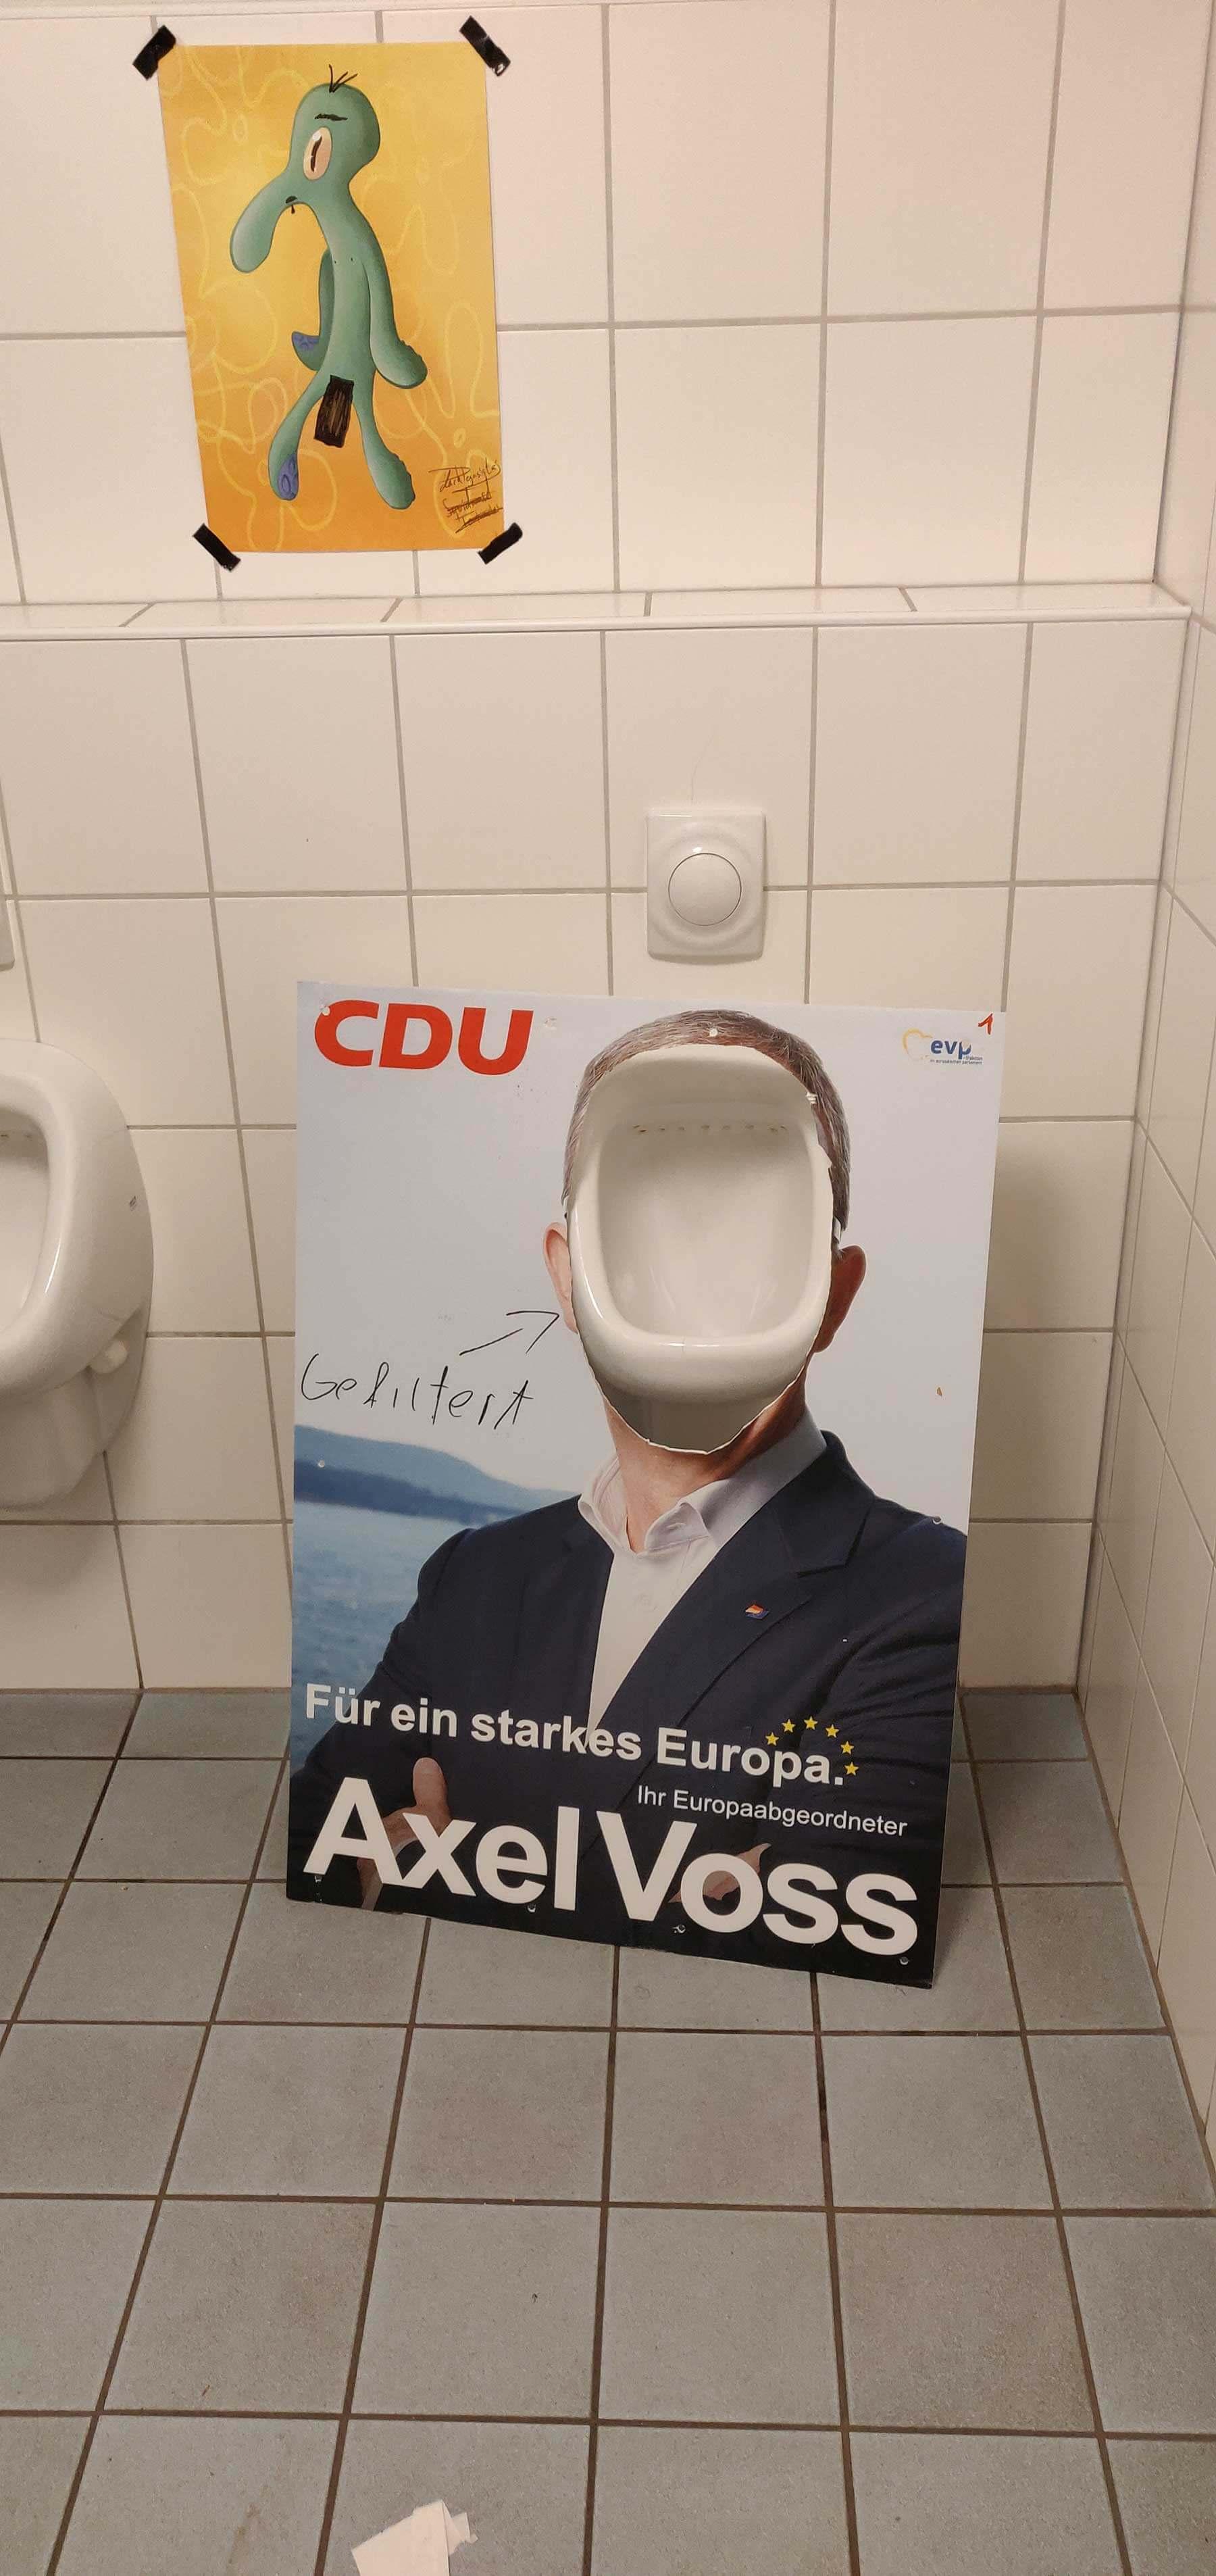 Bilderparade DXLIX LangweileDich.net_Bilderparade_DXLIX_95